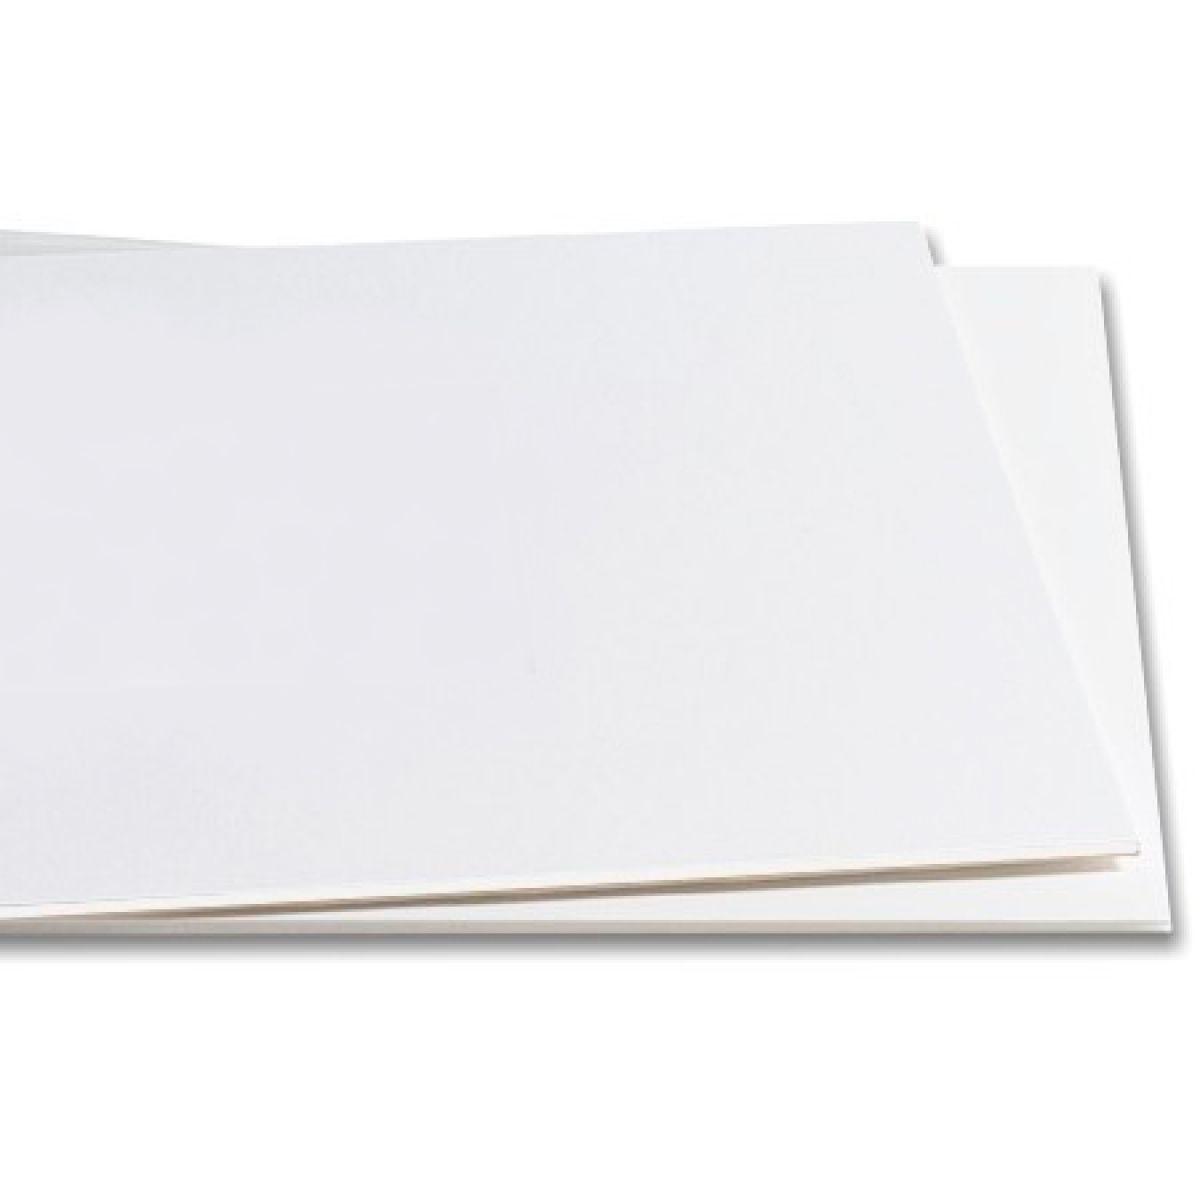 Papel Couche Brilho 150g A3 Embalagem Com 010 Folhas Phandora